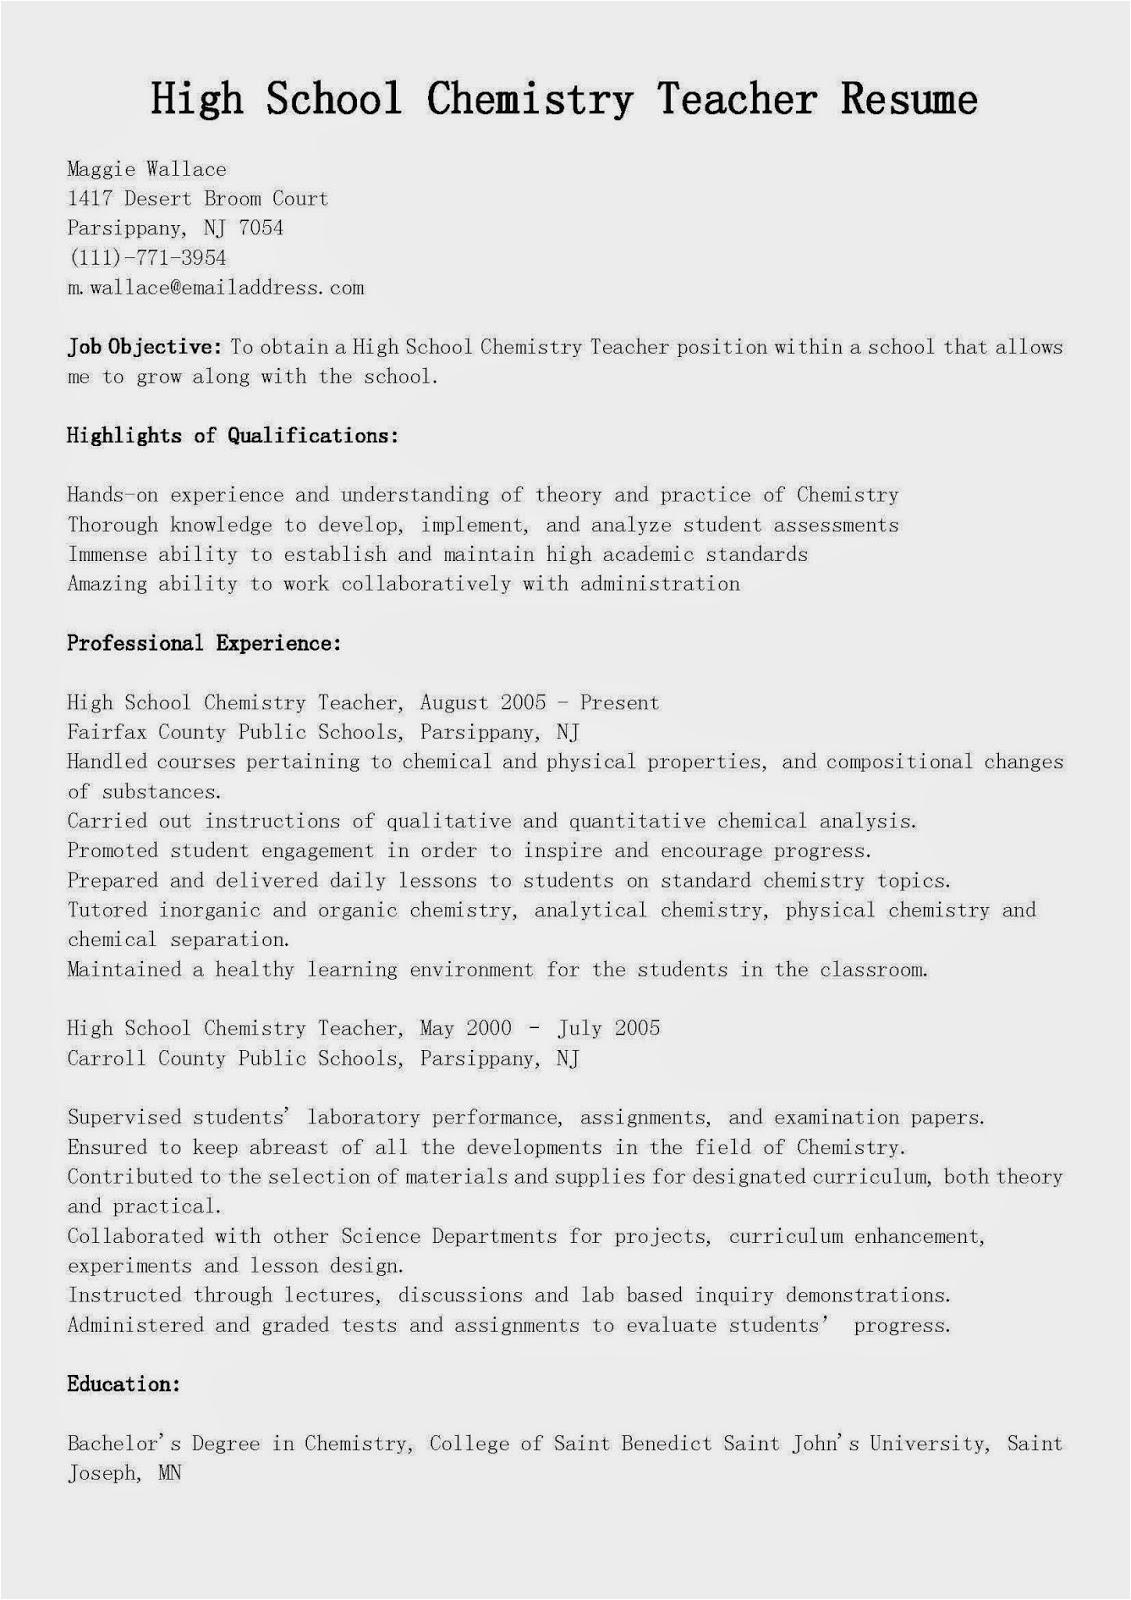 Sample Resume for High School Chemistry Teacher Resume Samples High School Chemistry Teacher Resume Sample